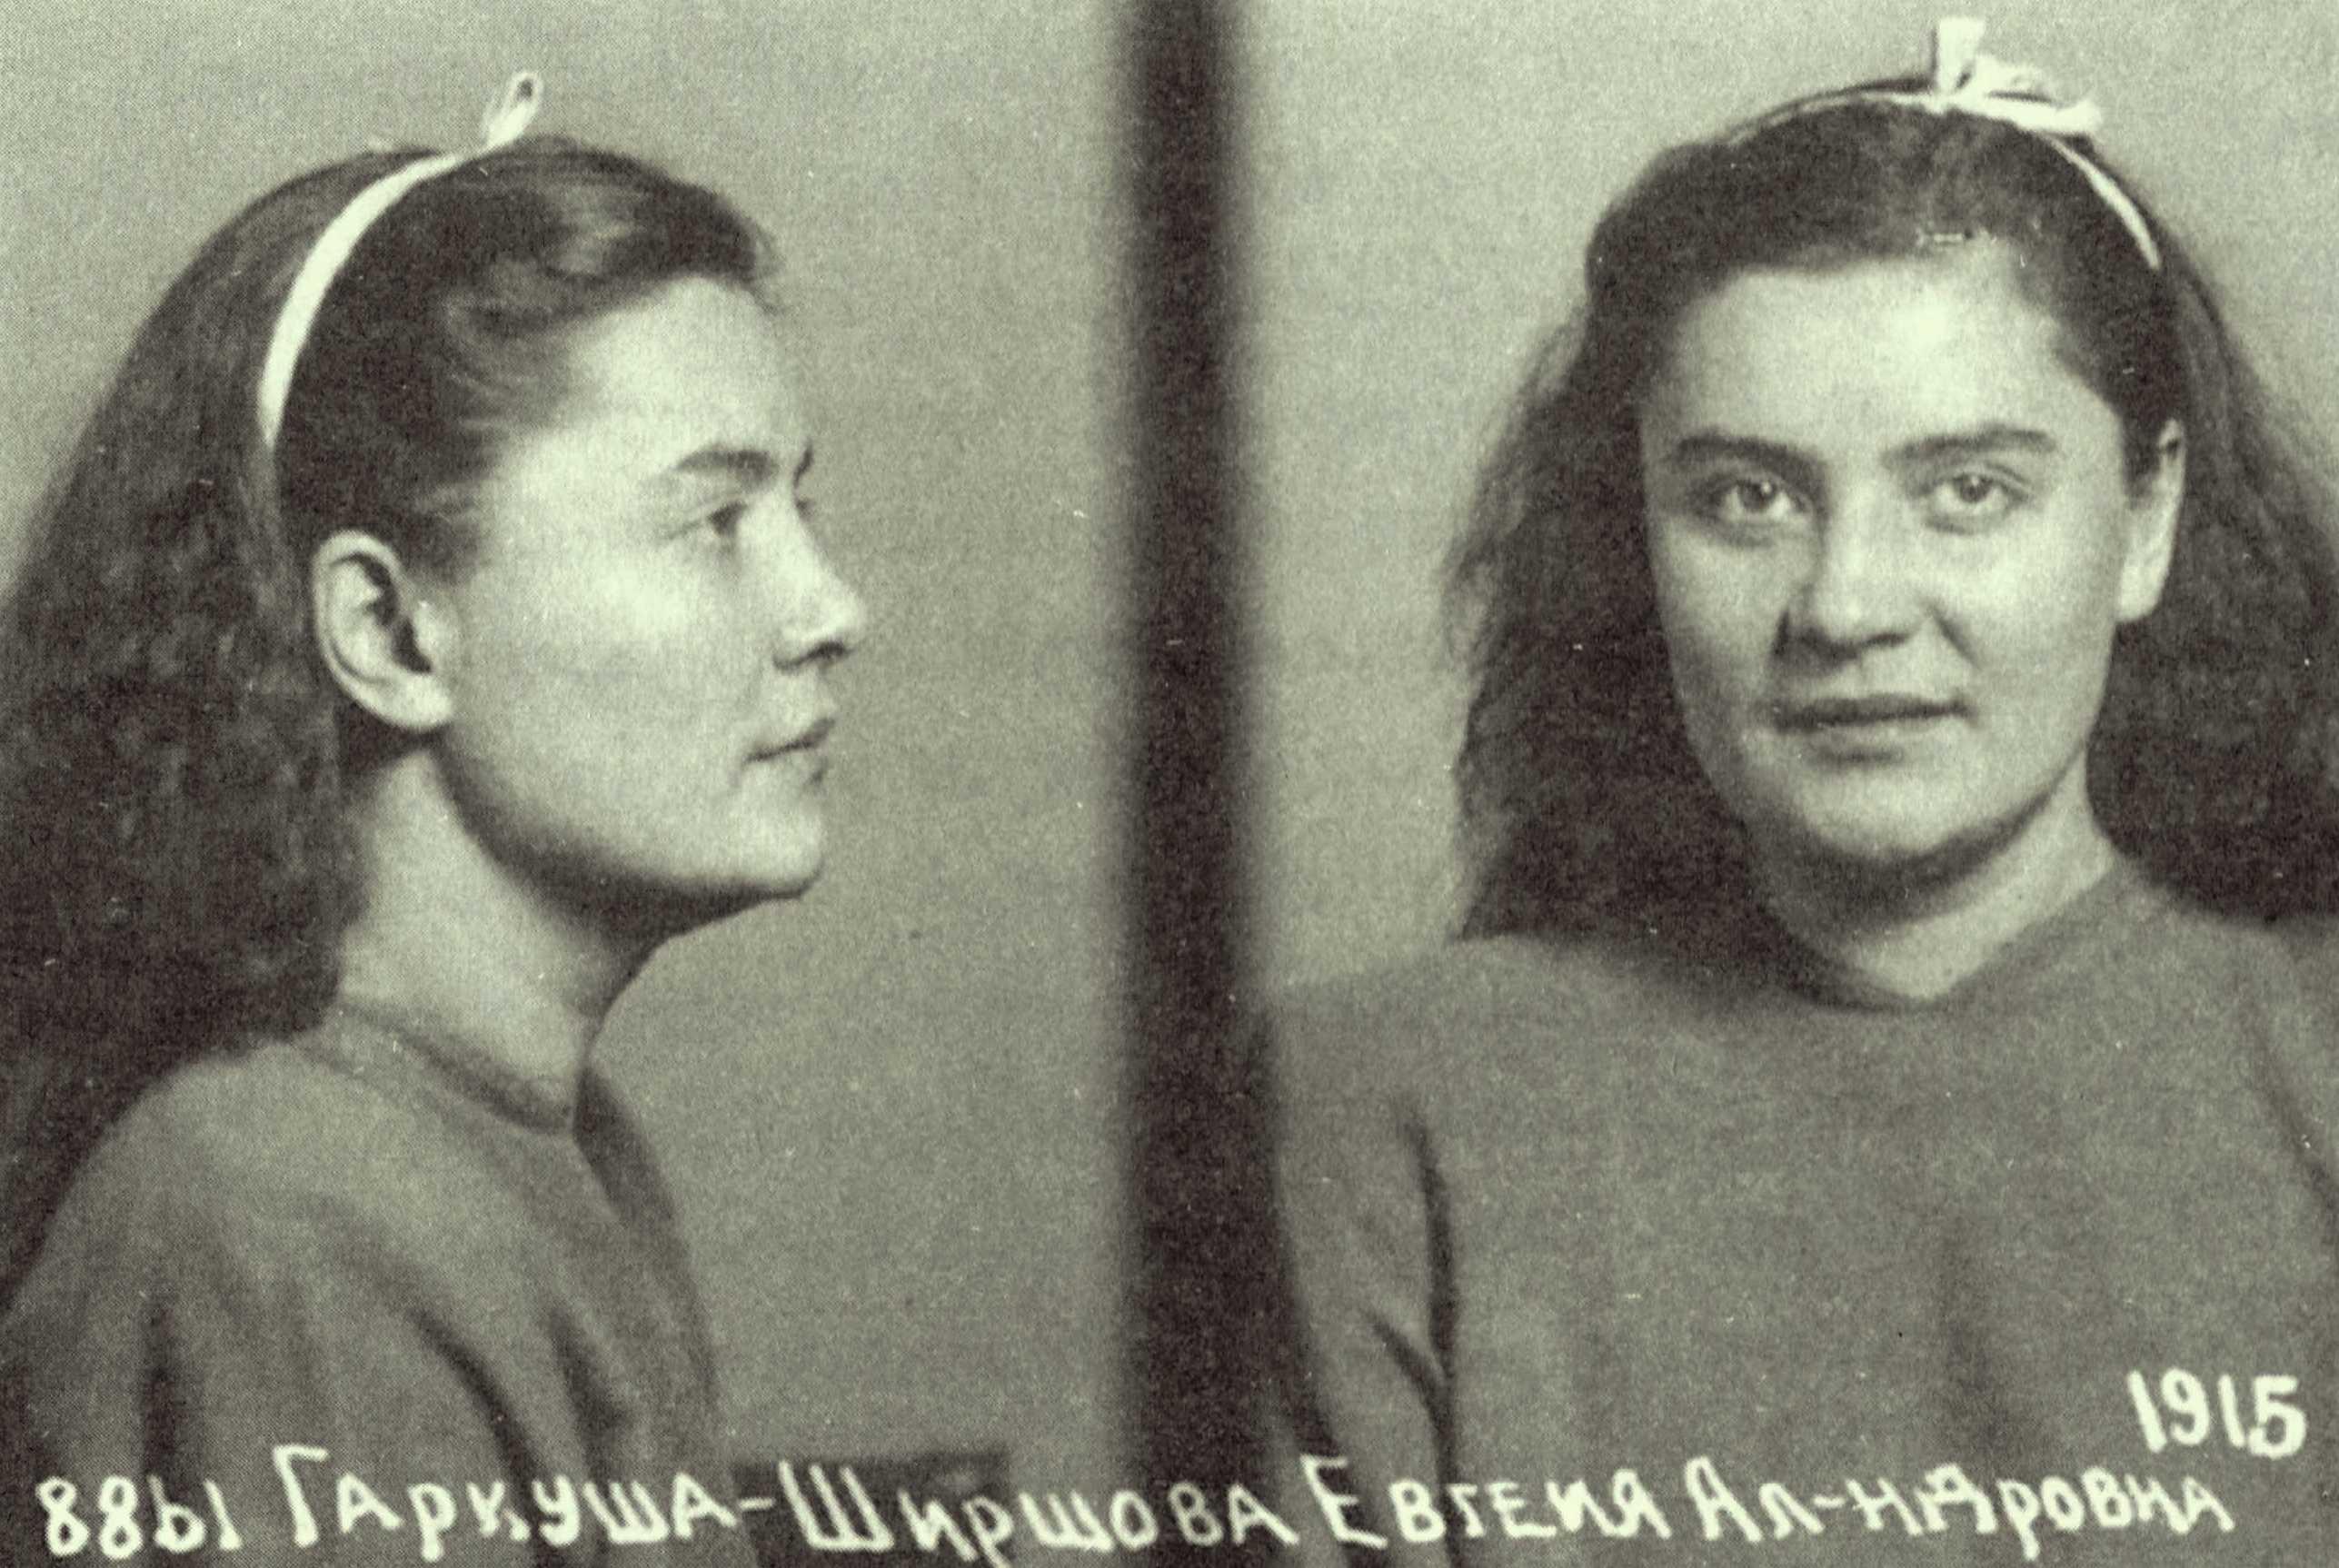 Последнее тюремное фото.  Гаркуша-Ширшова Евгения Александровна